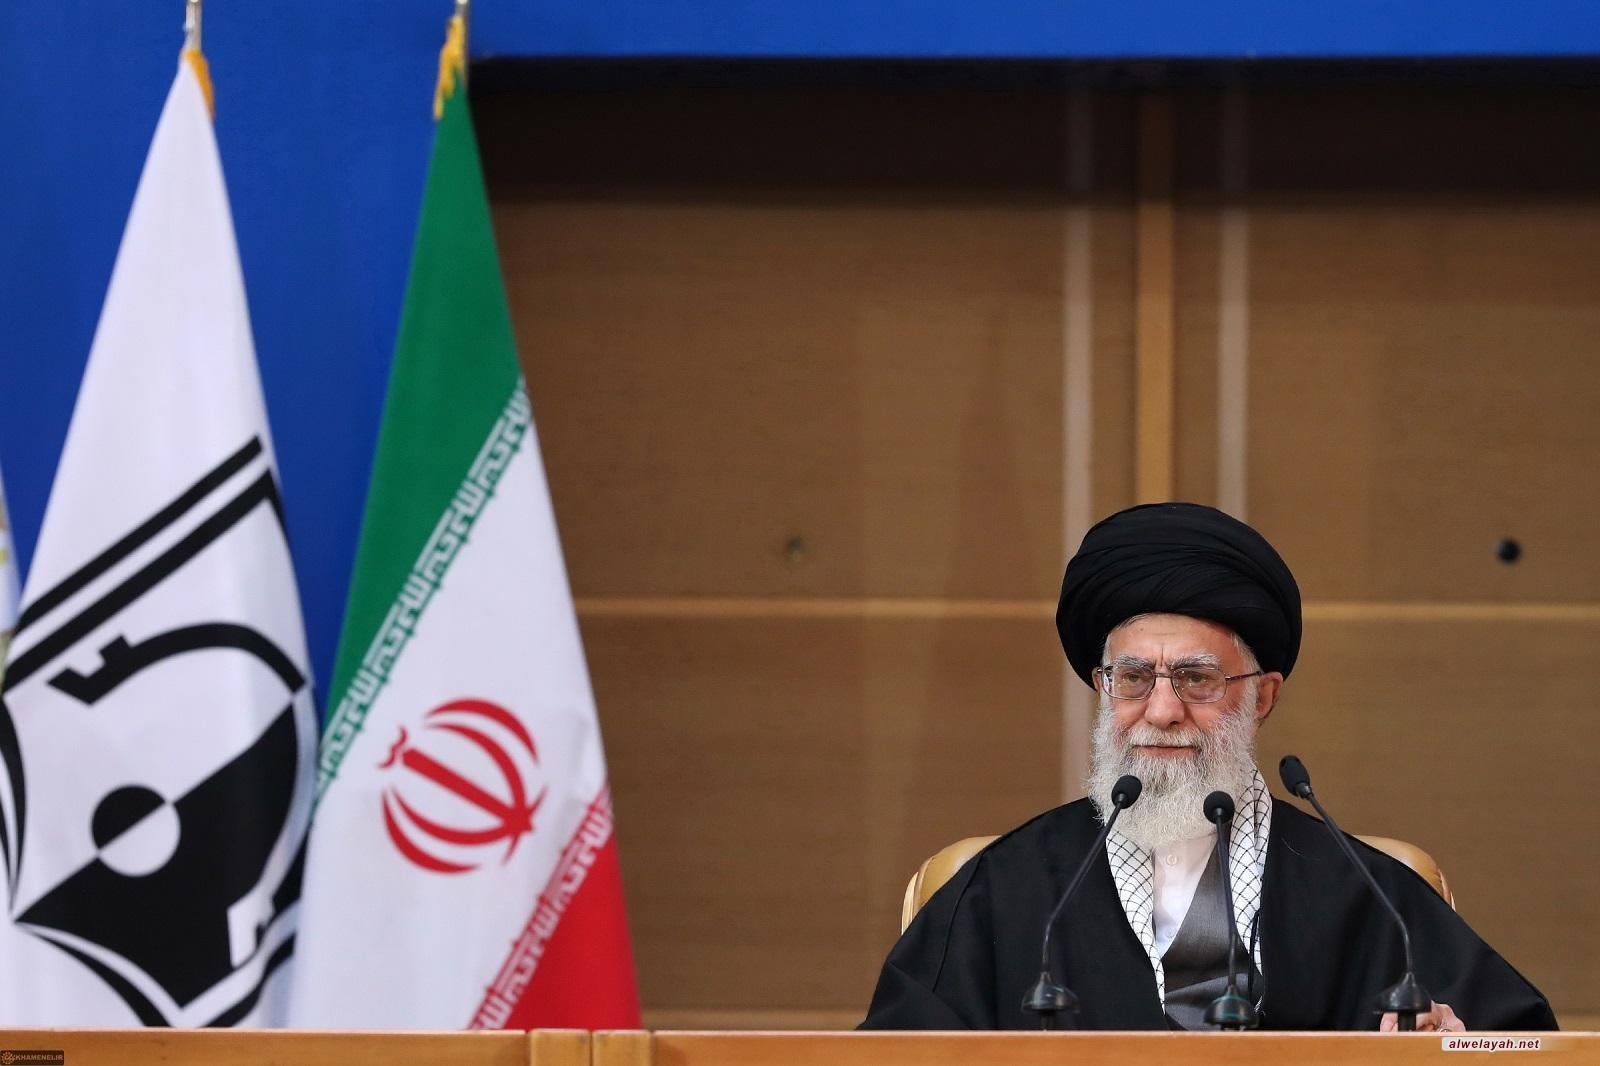 جديد وهام 02): الإمام القائد حفظه الله تعالى يجيب بشكل واف على أسئلة حول فلسطين